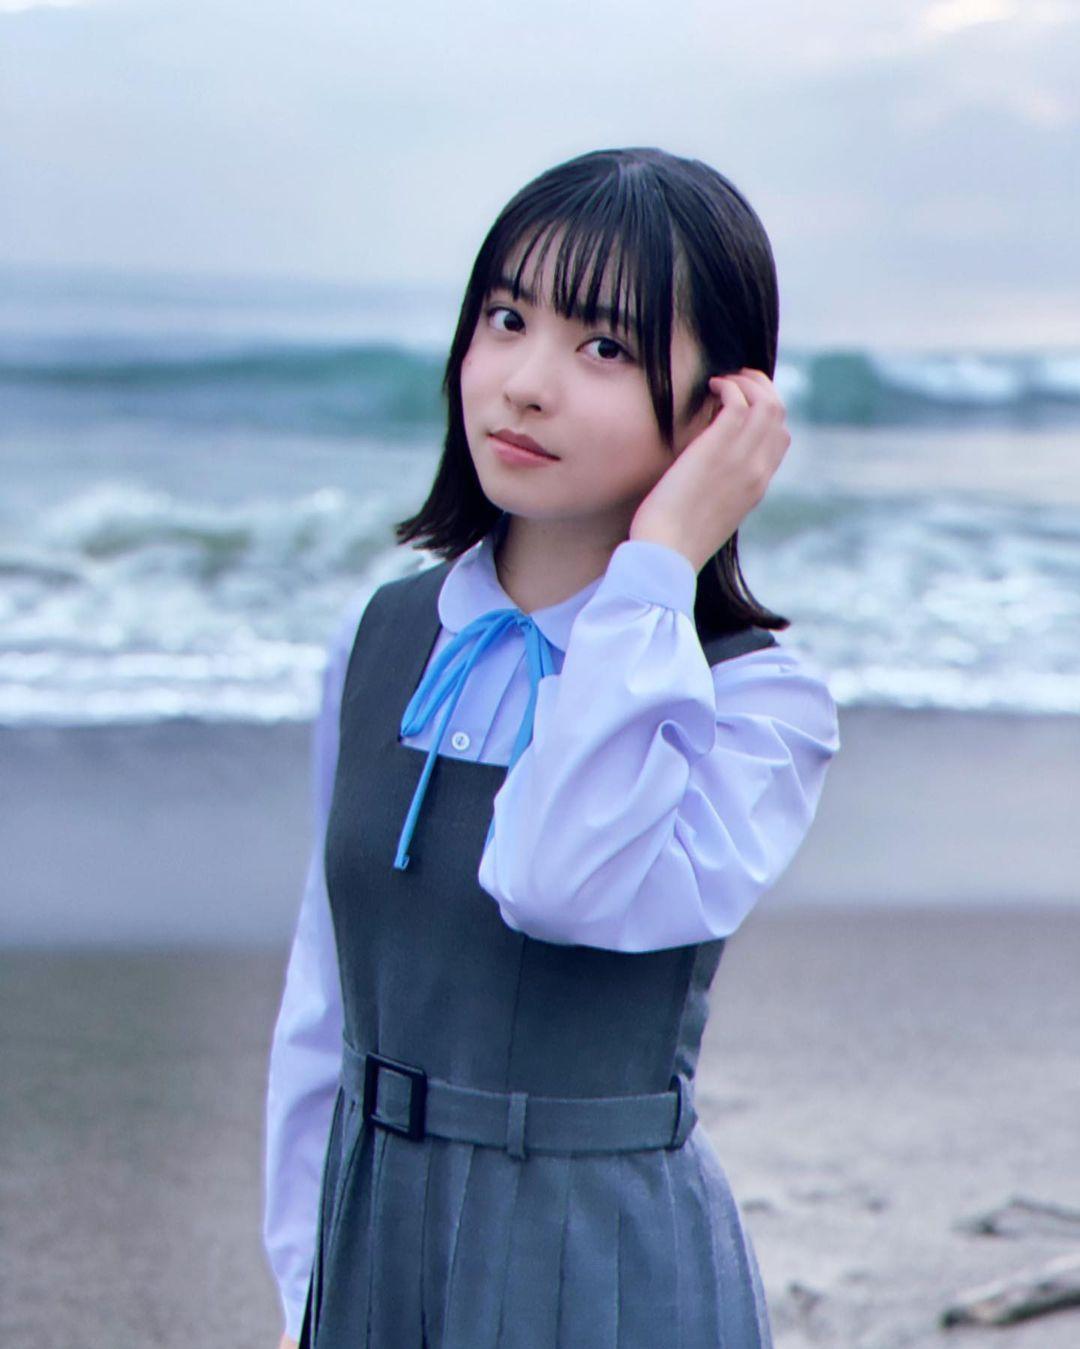 邻家妹妹TOWAKO婴儿肥小脸软萌 气场亲和力十足 养眼图片 第4张